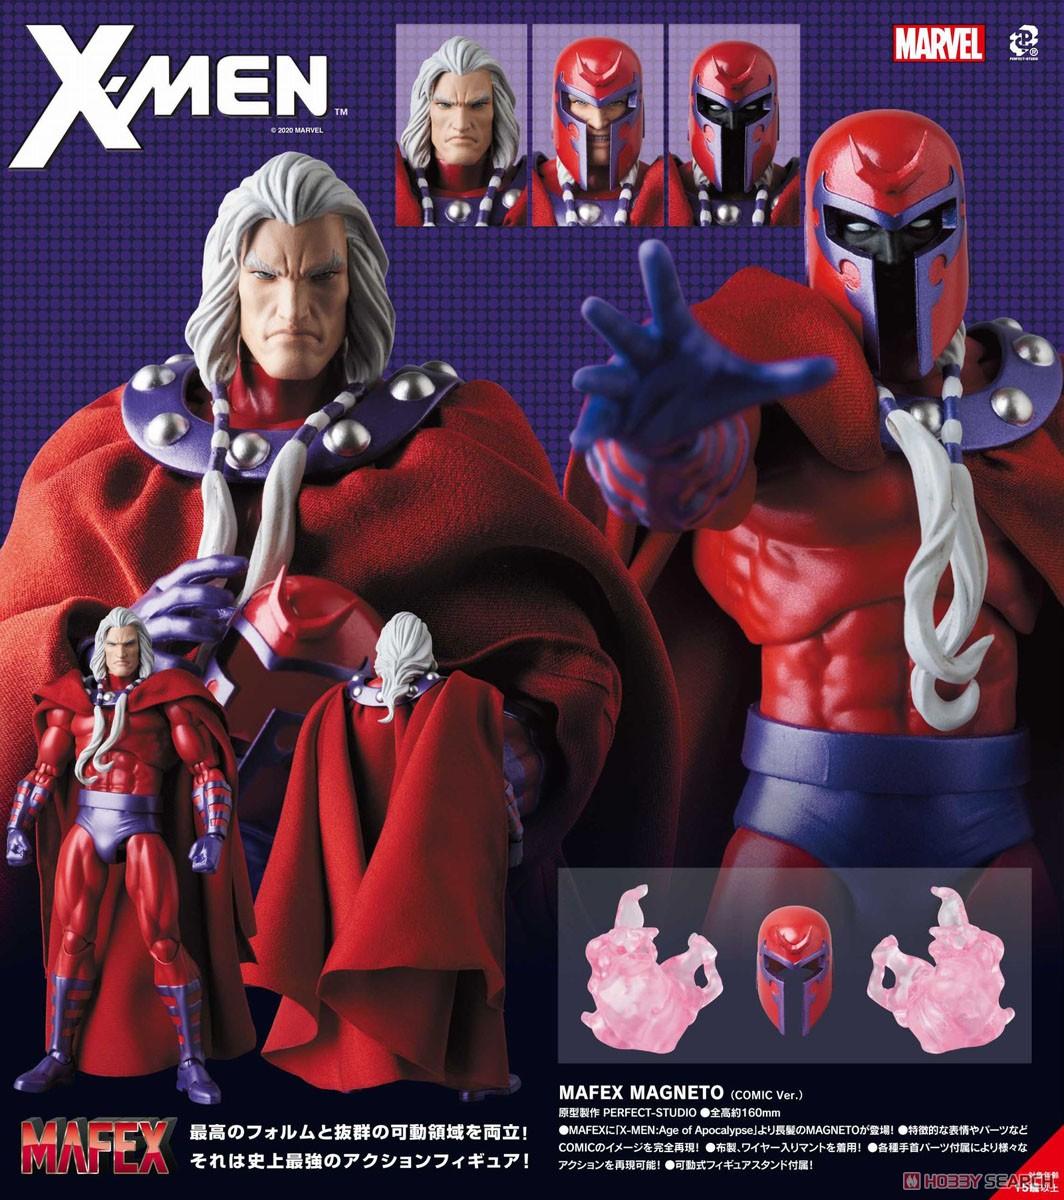 マフェックス No.128『MAGNETO COMIC Ver./マグニートー コミック版』X-MEN 可動フィギュア-009